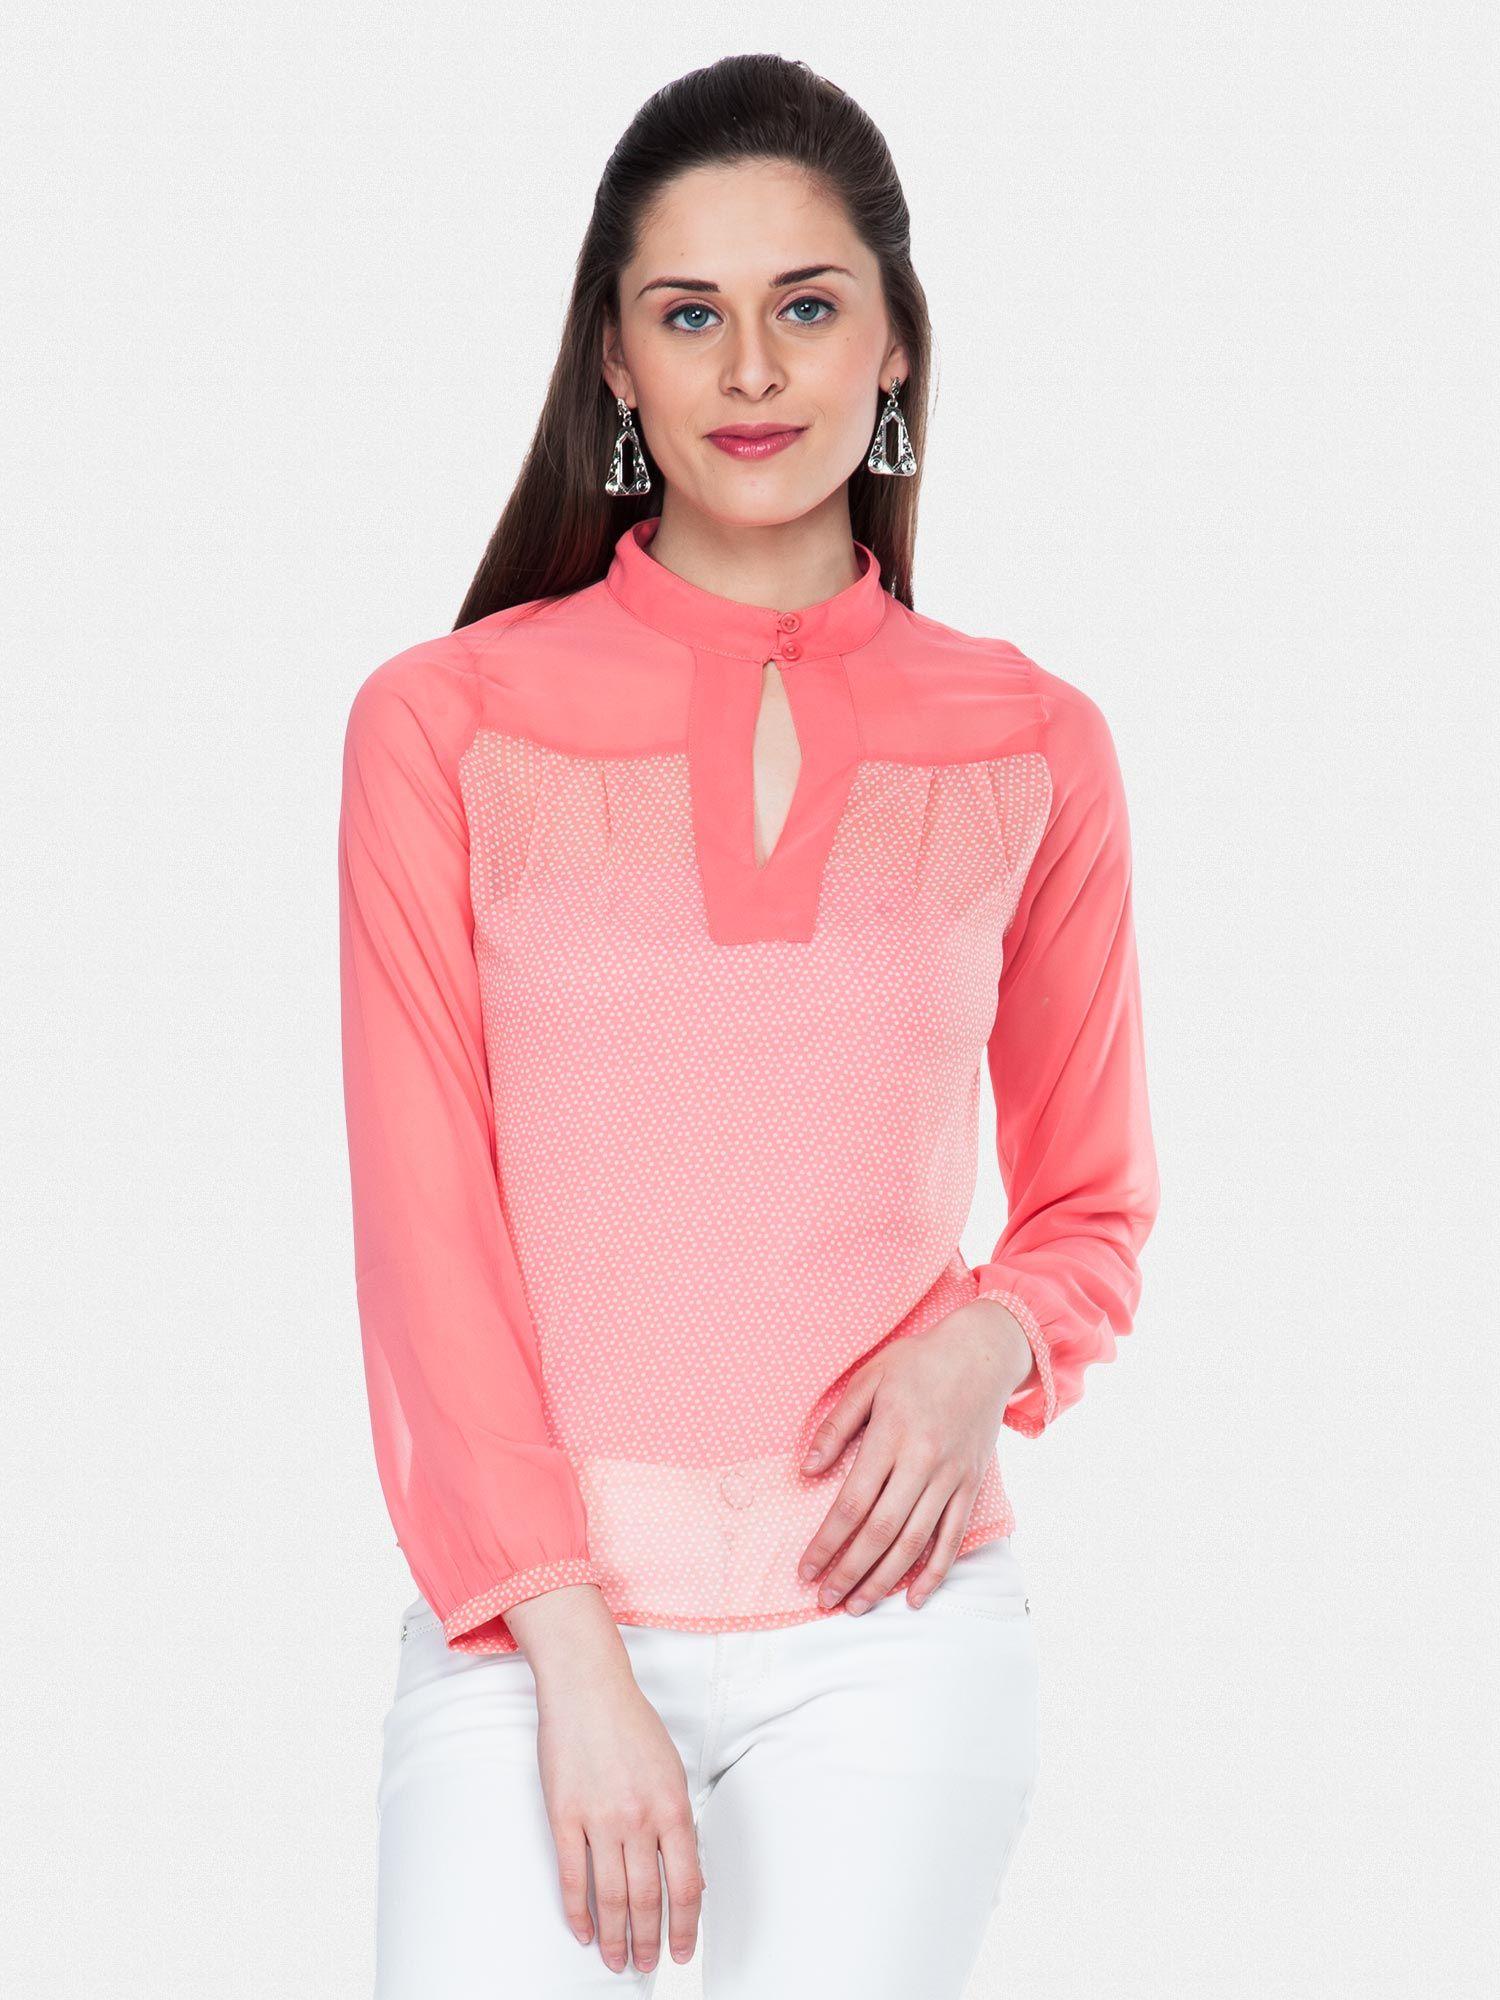 d23ec85357c80c Ladies Tops Online – Dual Pink Dots Sheer Top